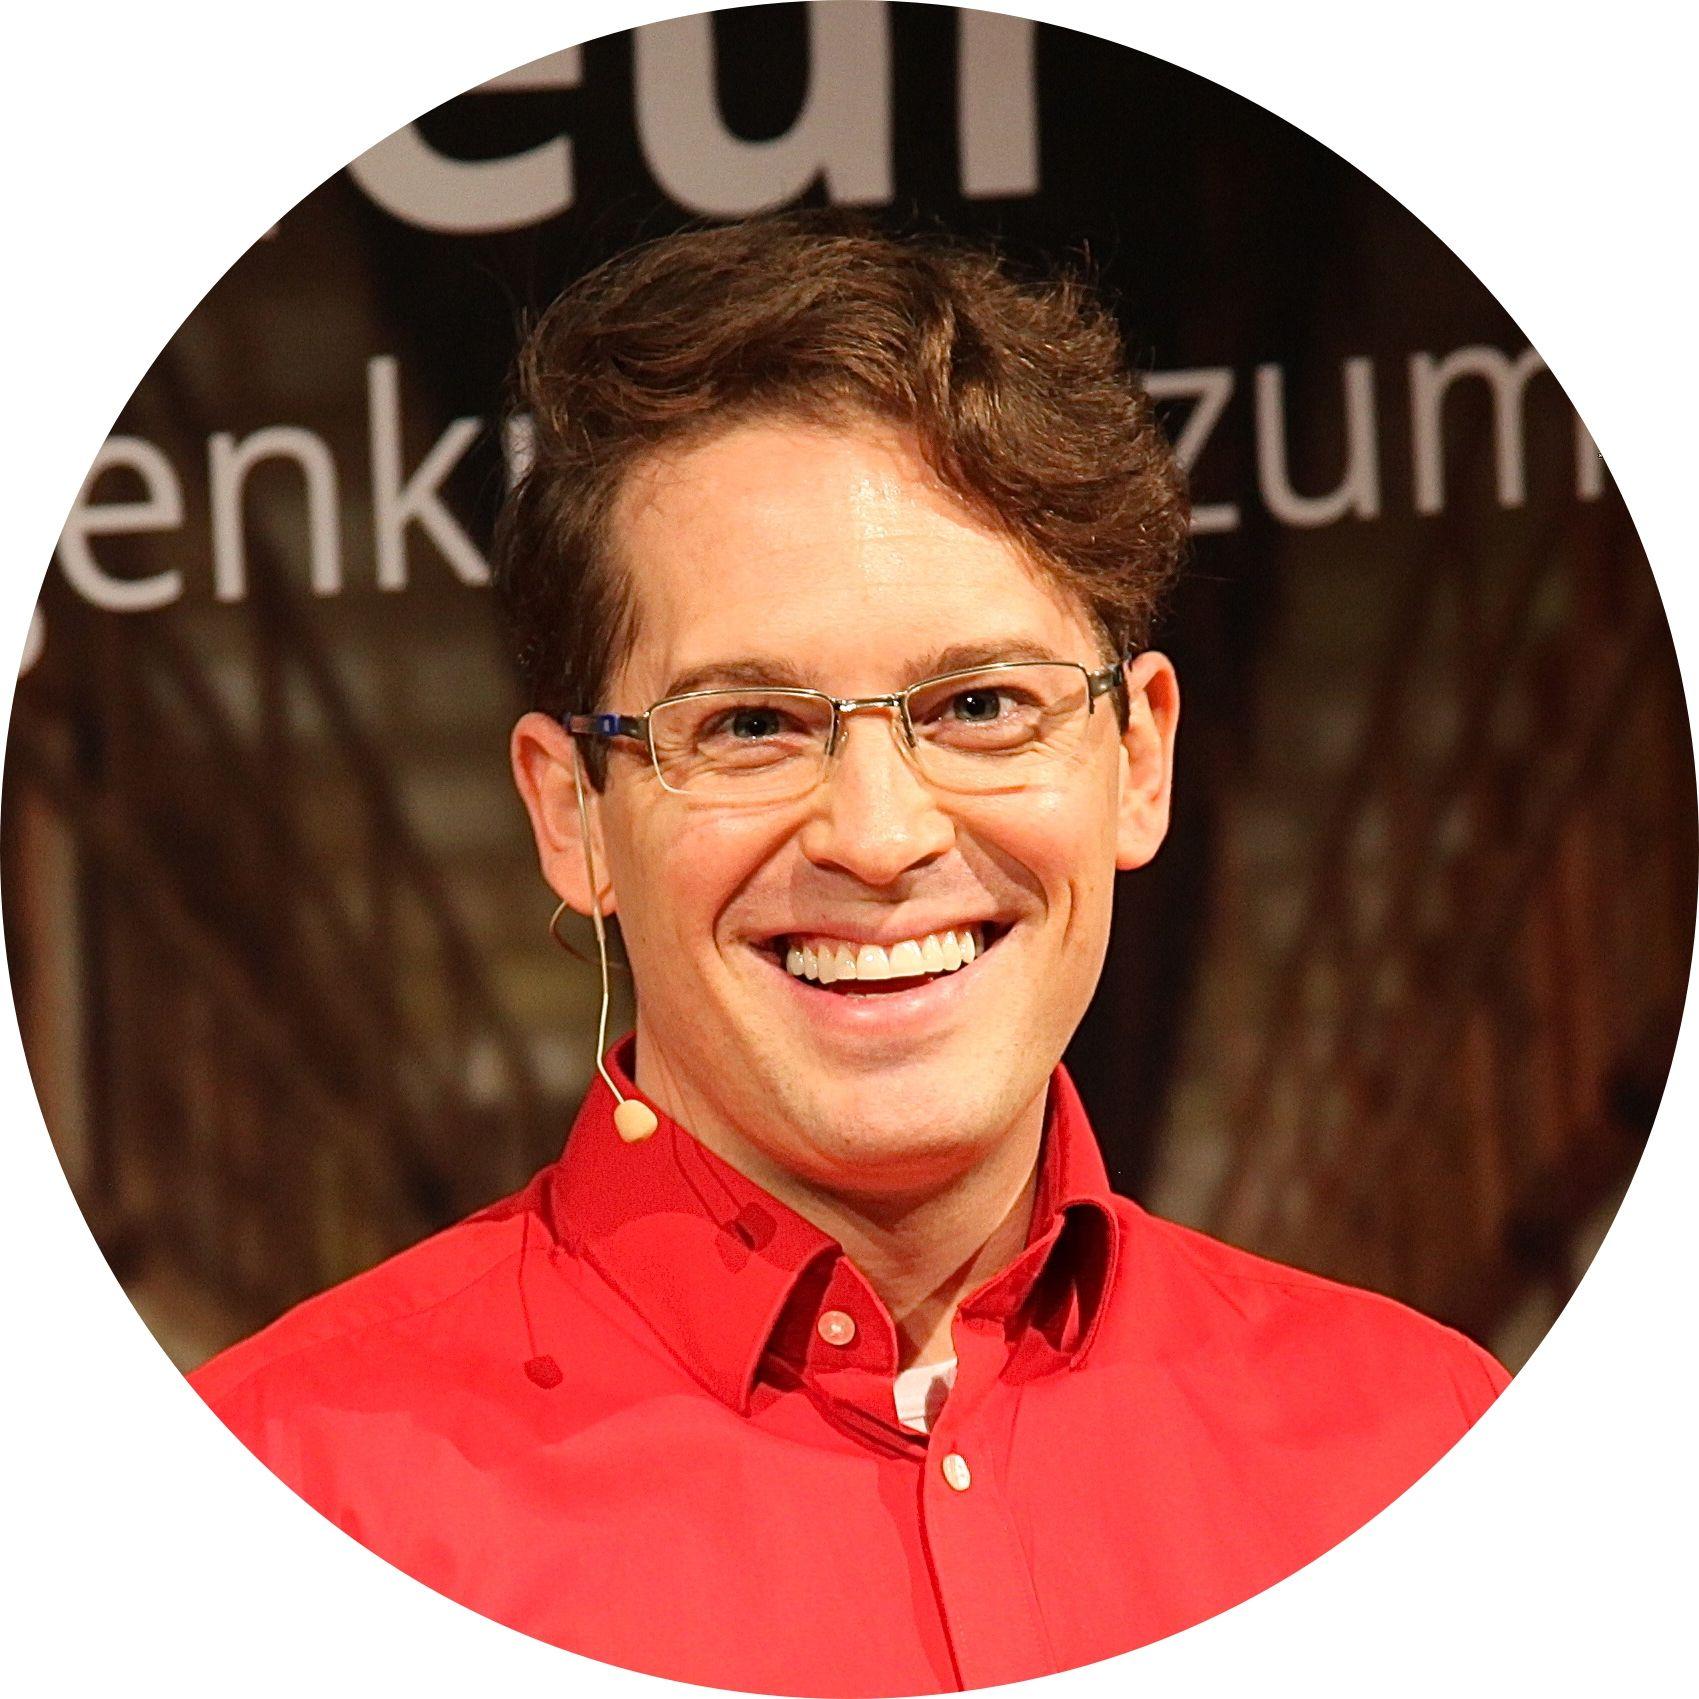 Marco Deutschmann